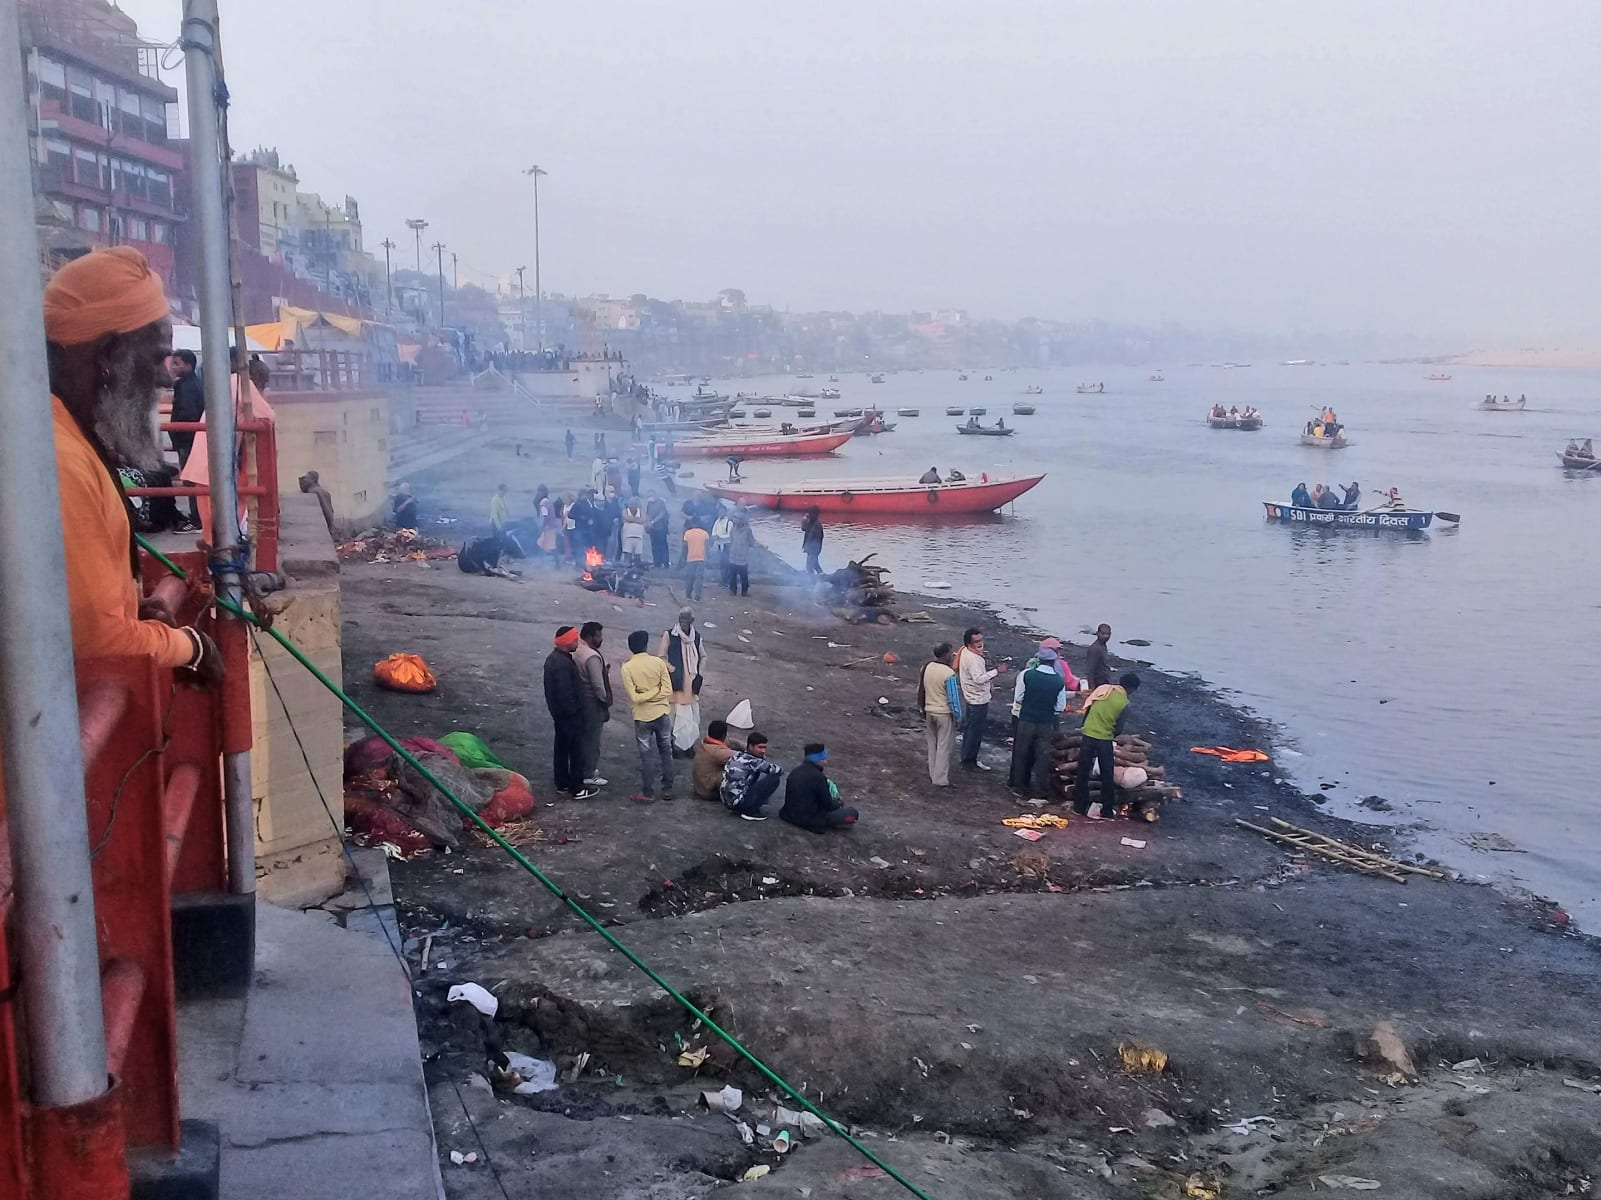 Pálení mrtvých na břehu Gangy, Varanásí